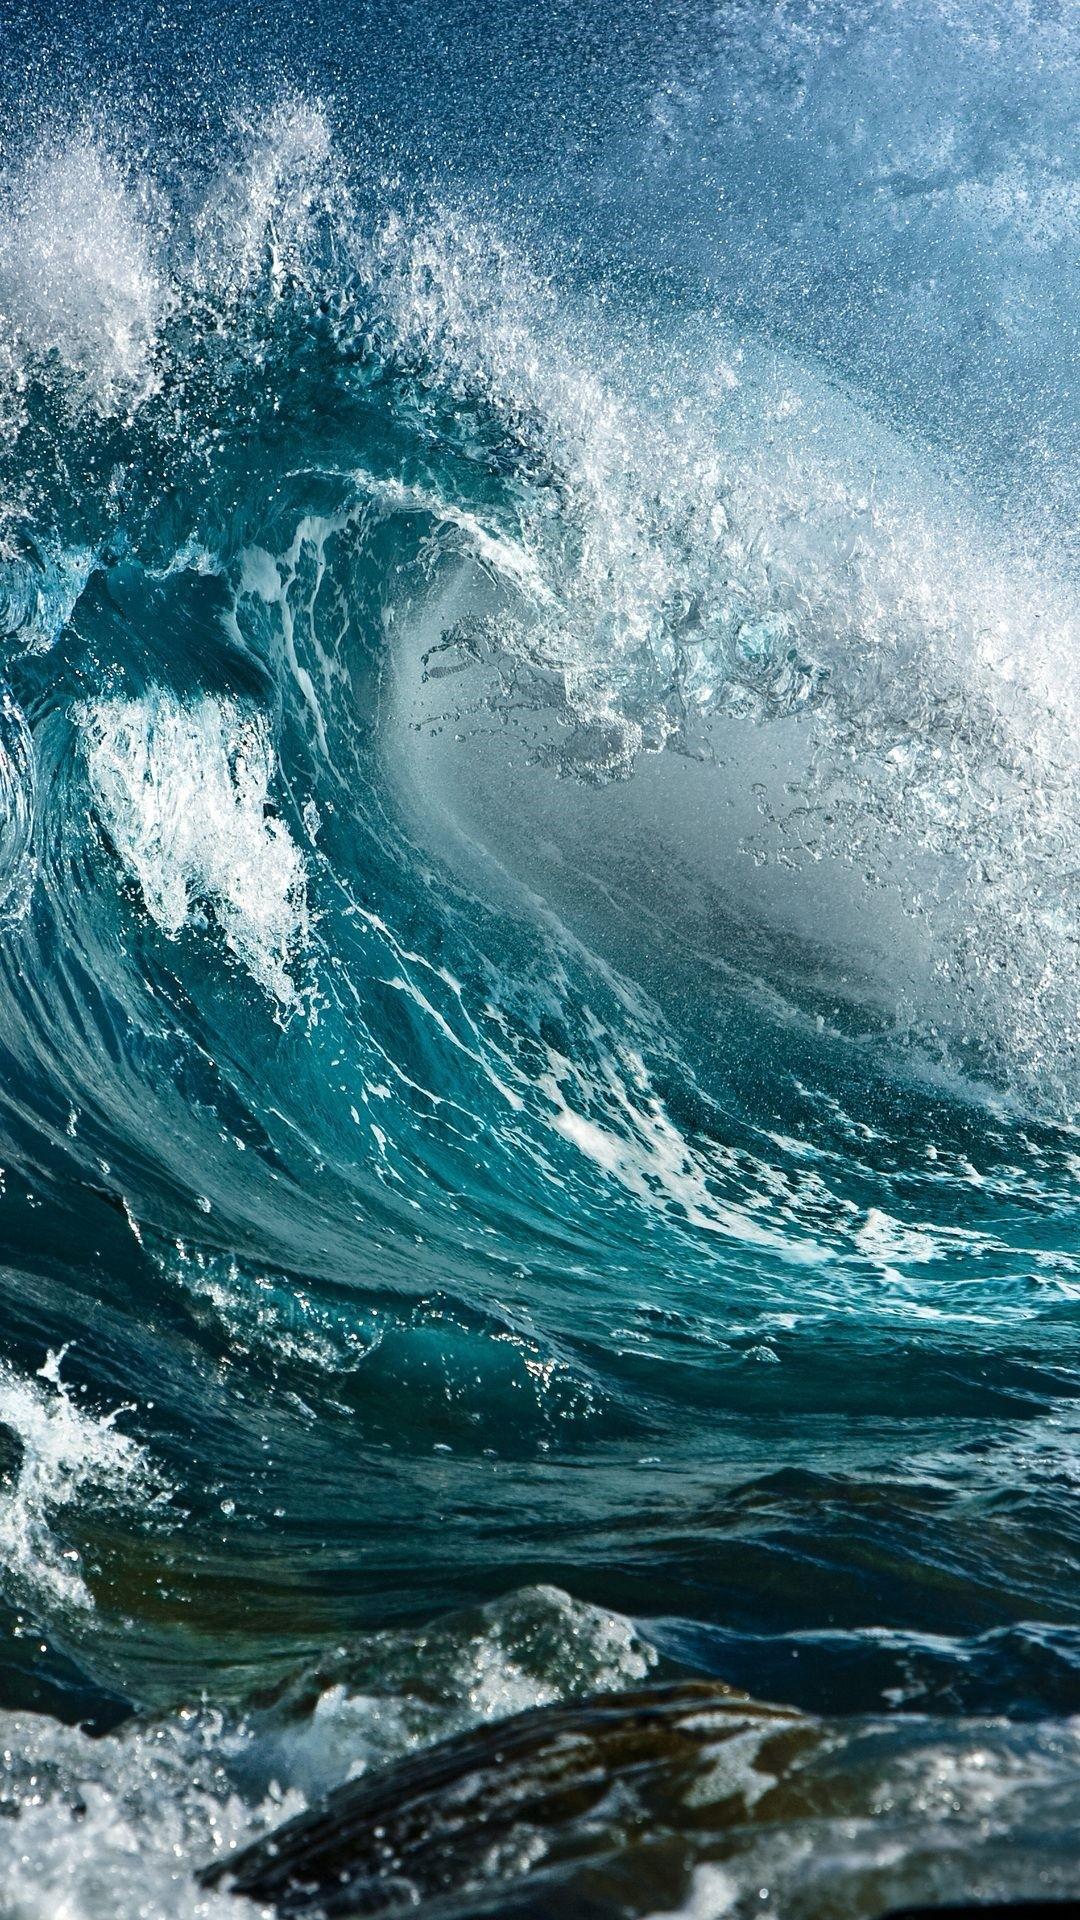 Wave iPhone wallpaper